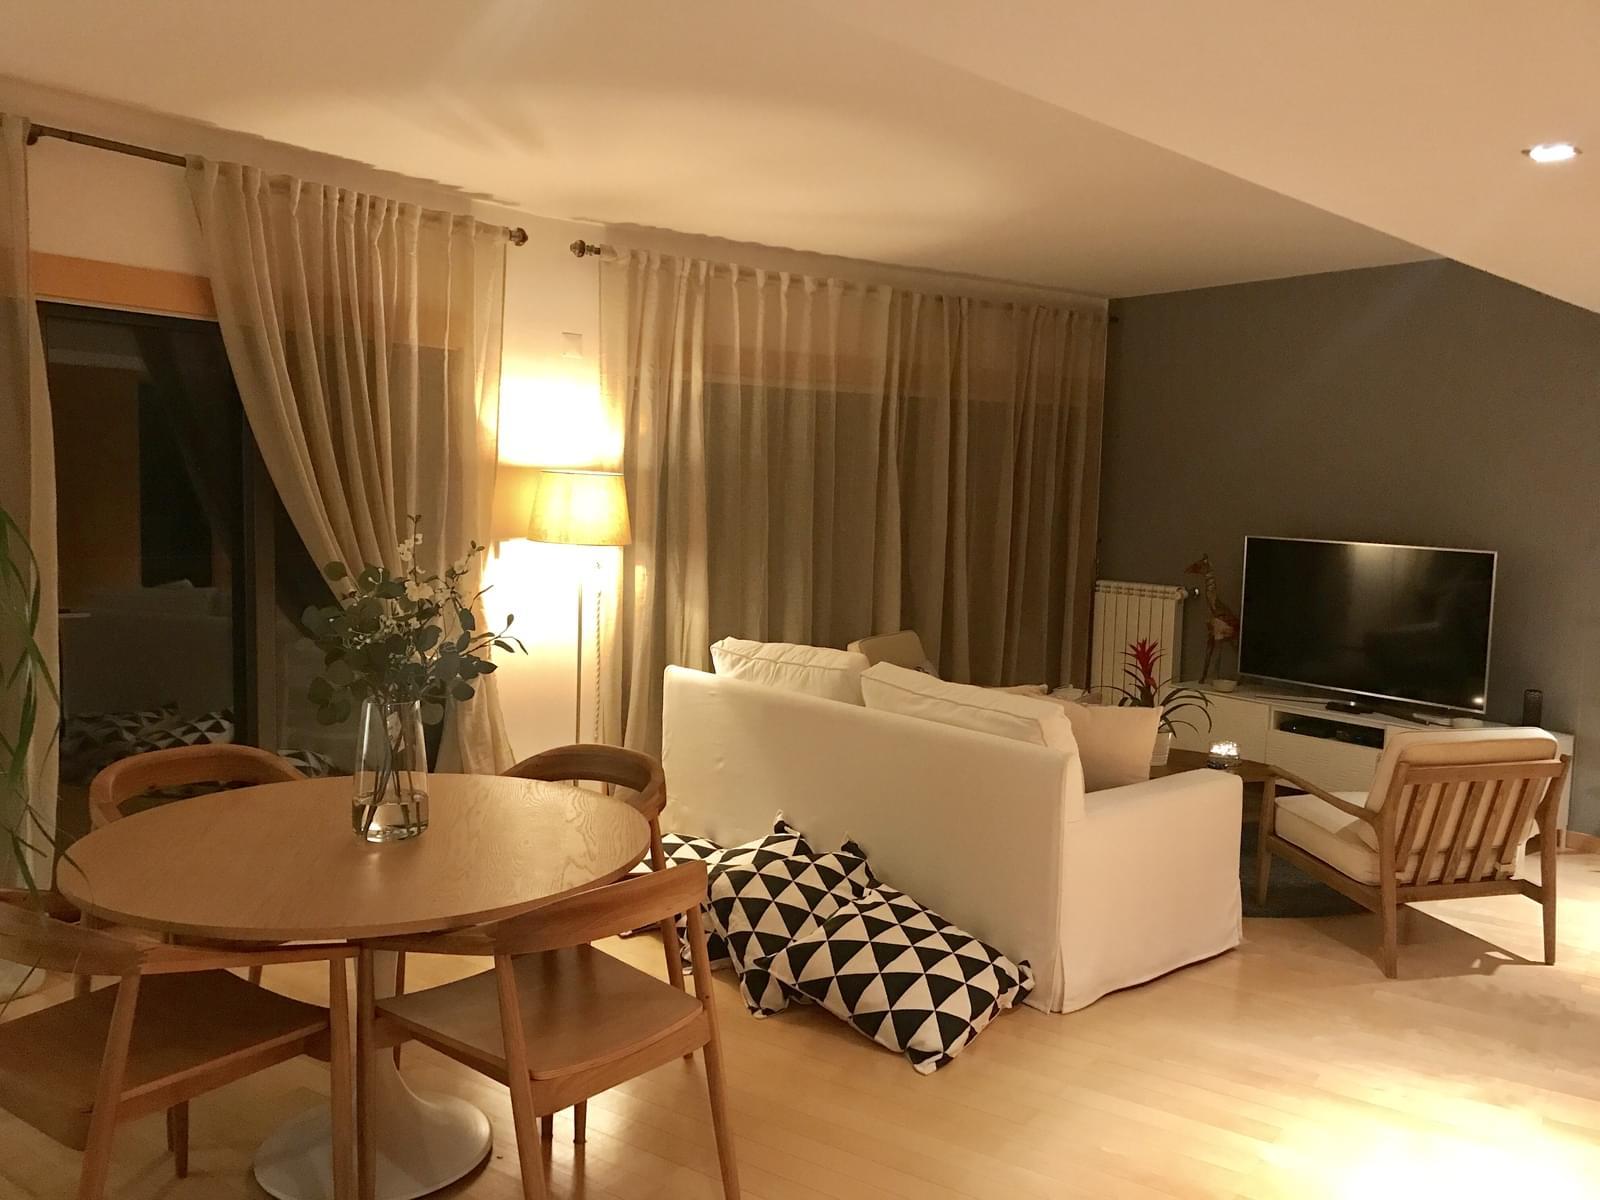 pf18554-apartamento-t1-cascais-a78ed2d8-8a58-4022-bf82-e4176cc5308e